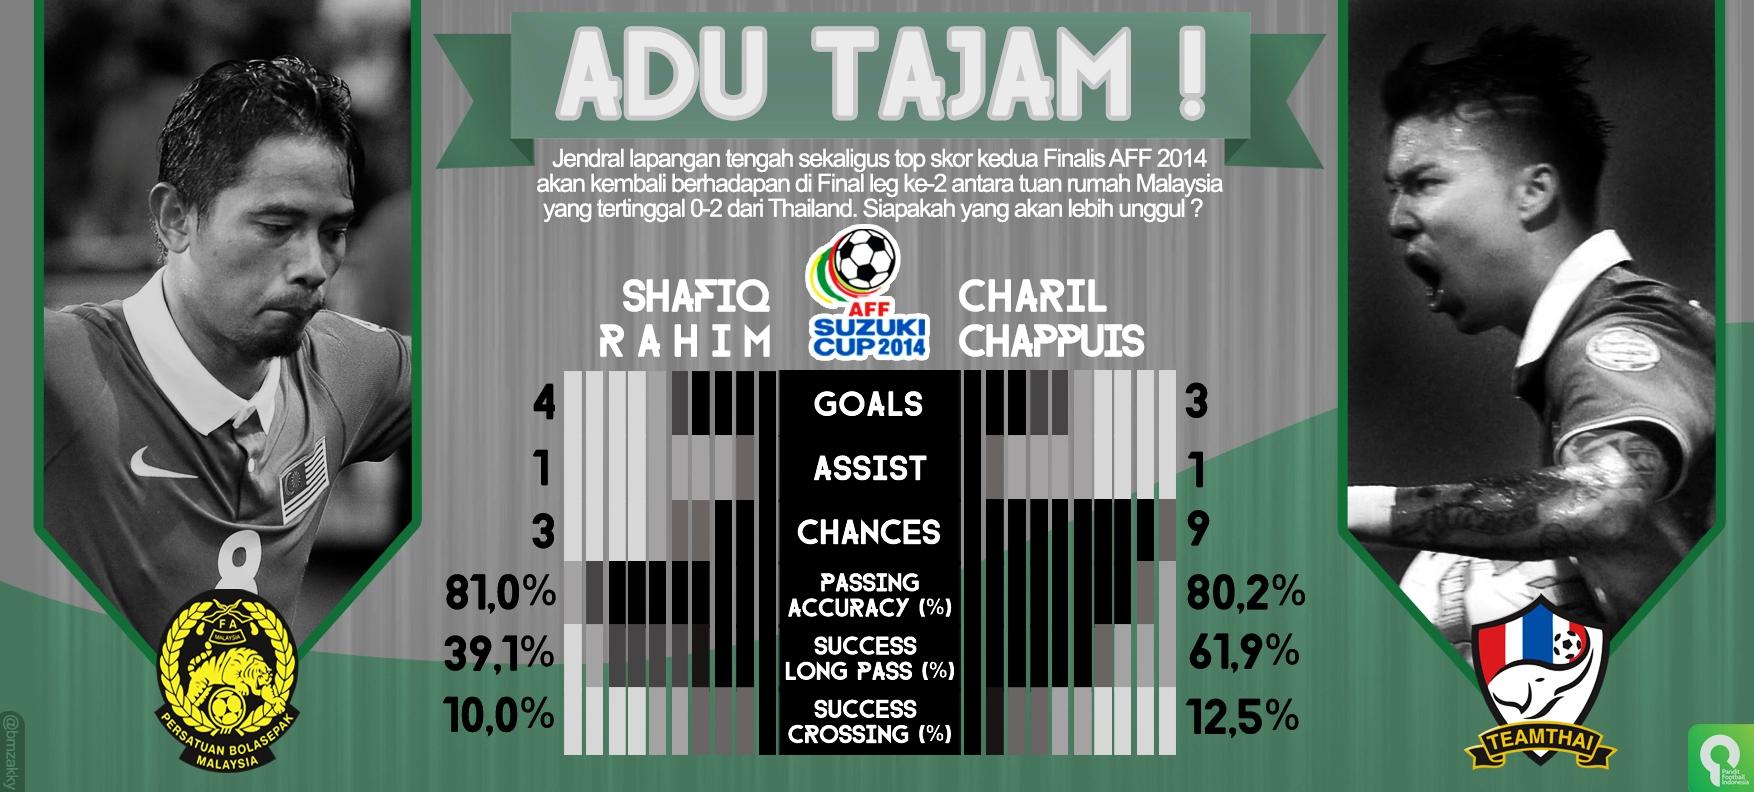 Preview Final leg ke-2 Piala AFF dalam Grafis